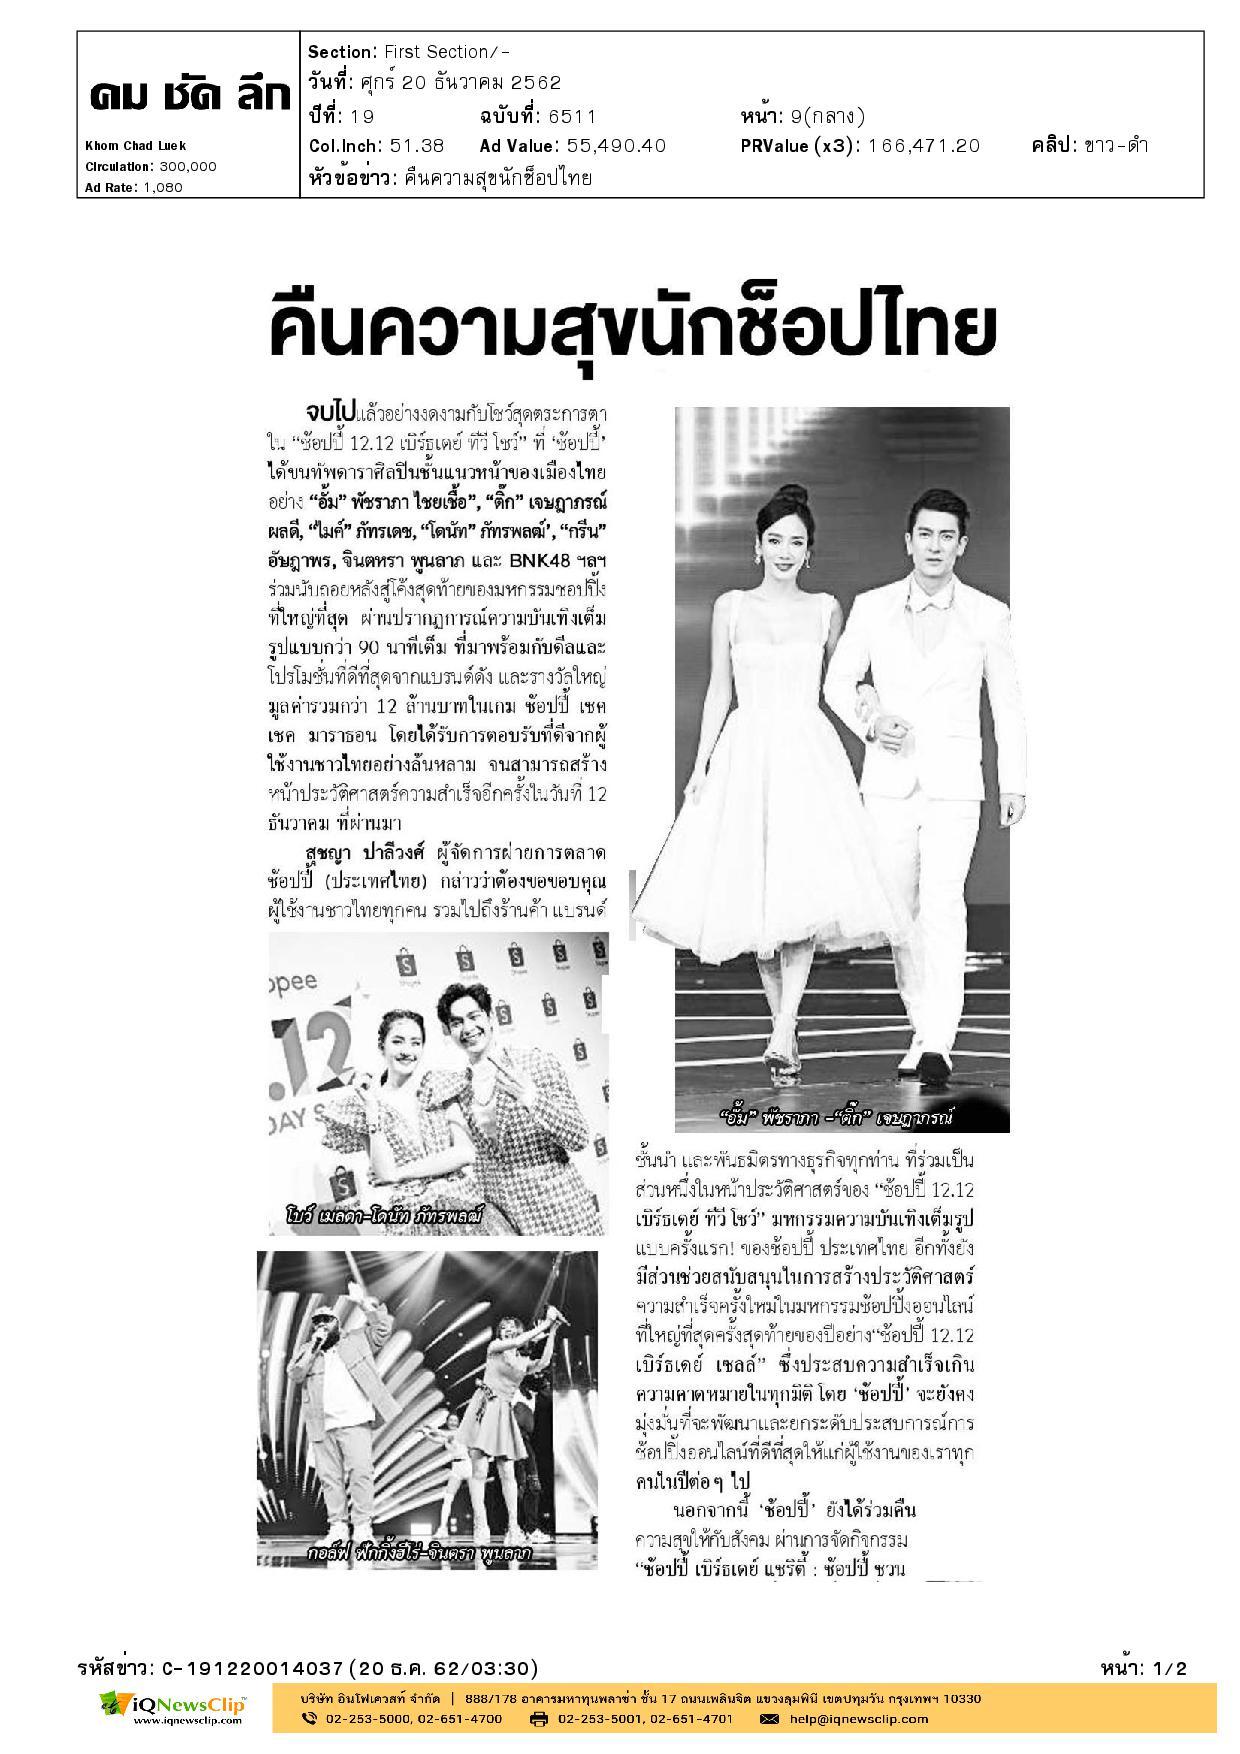 ชวนนักช็อปบริจาคเงินให้สภากาชาดไทย